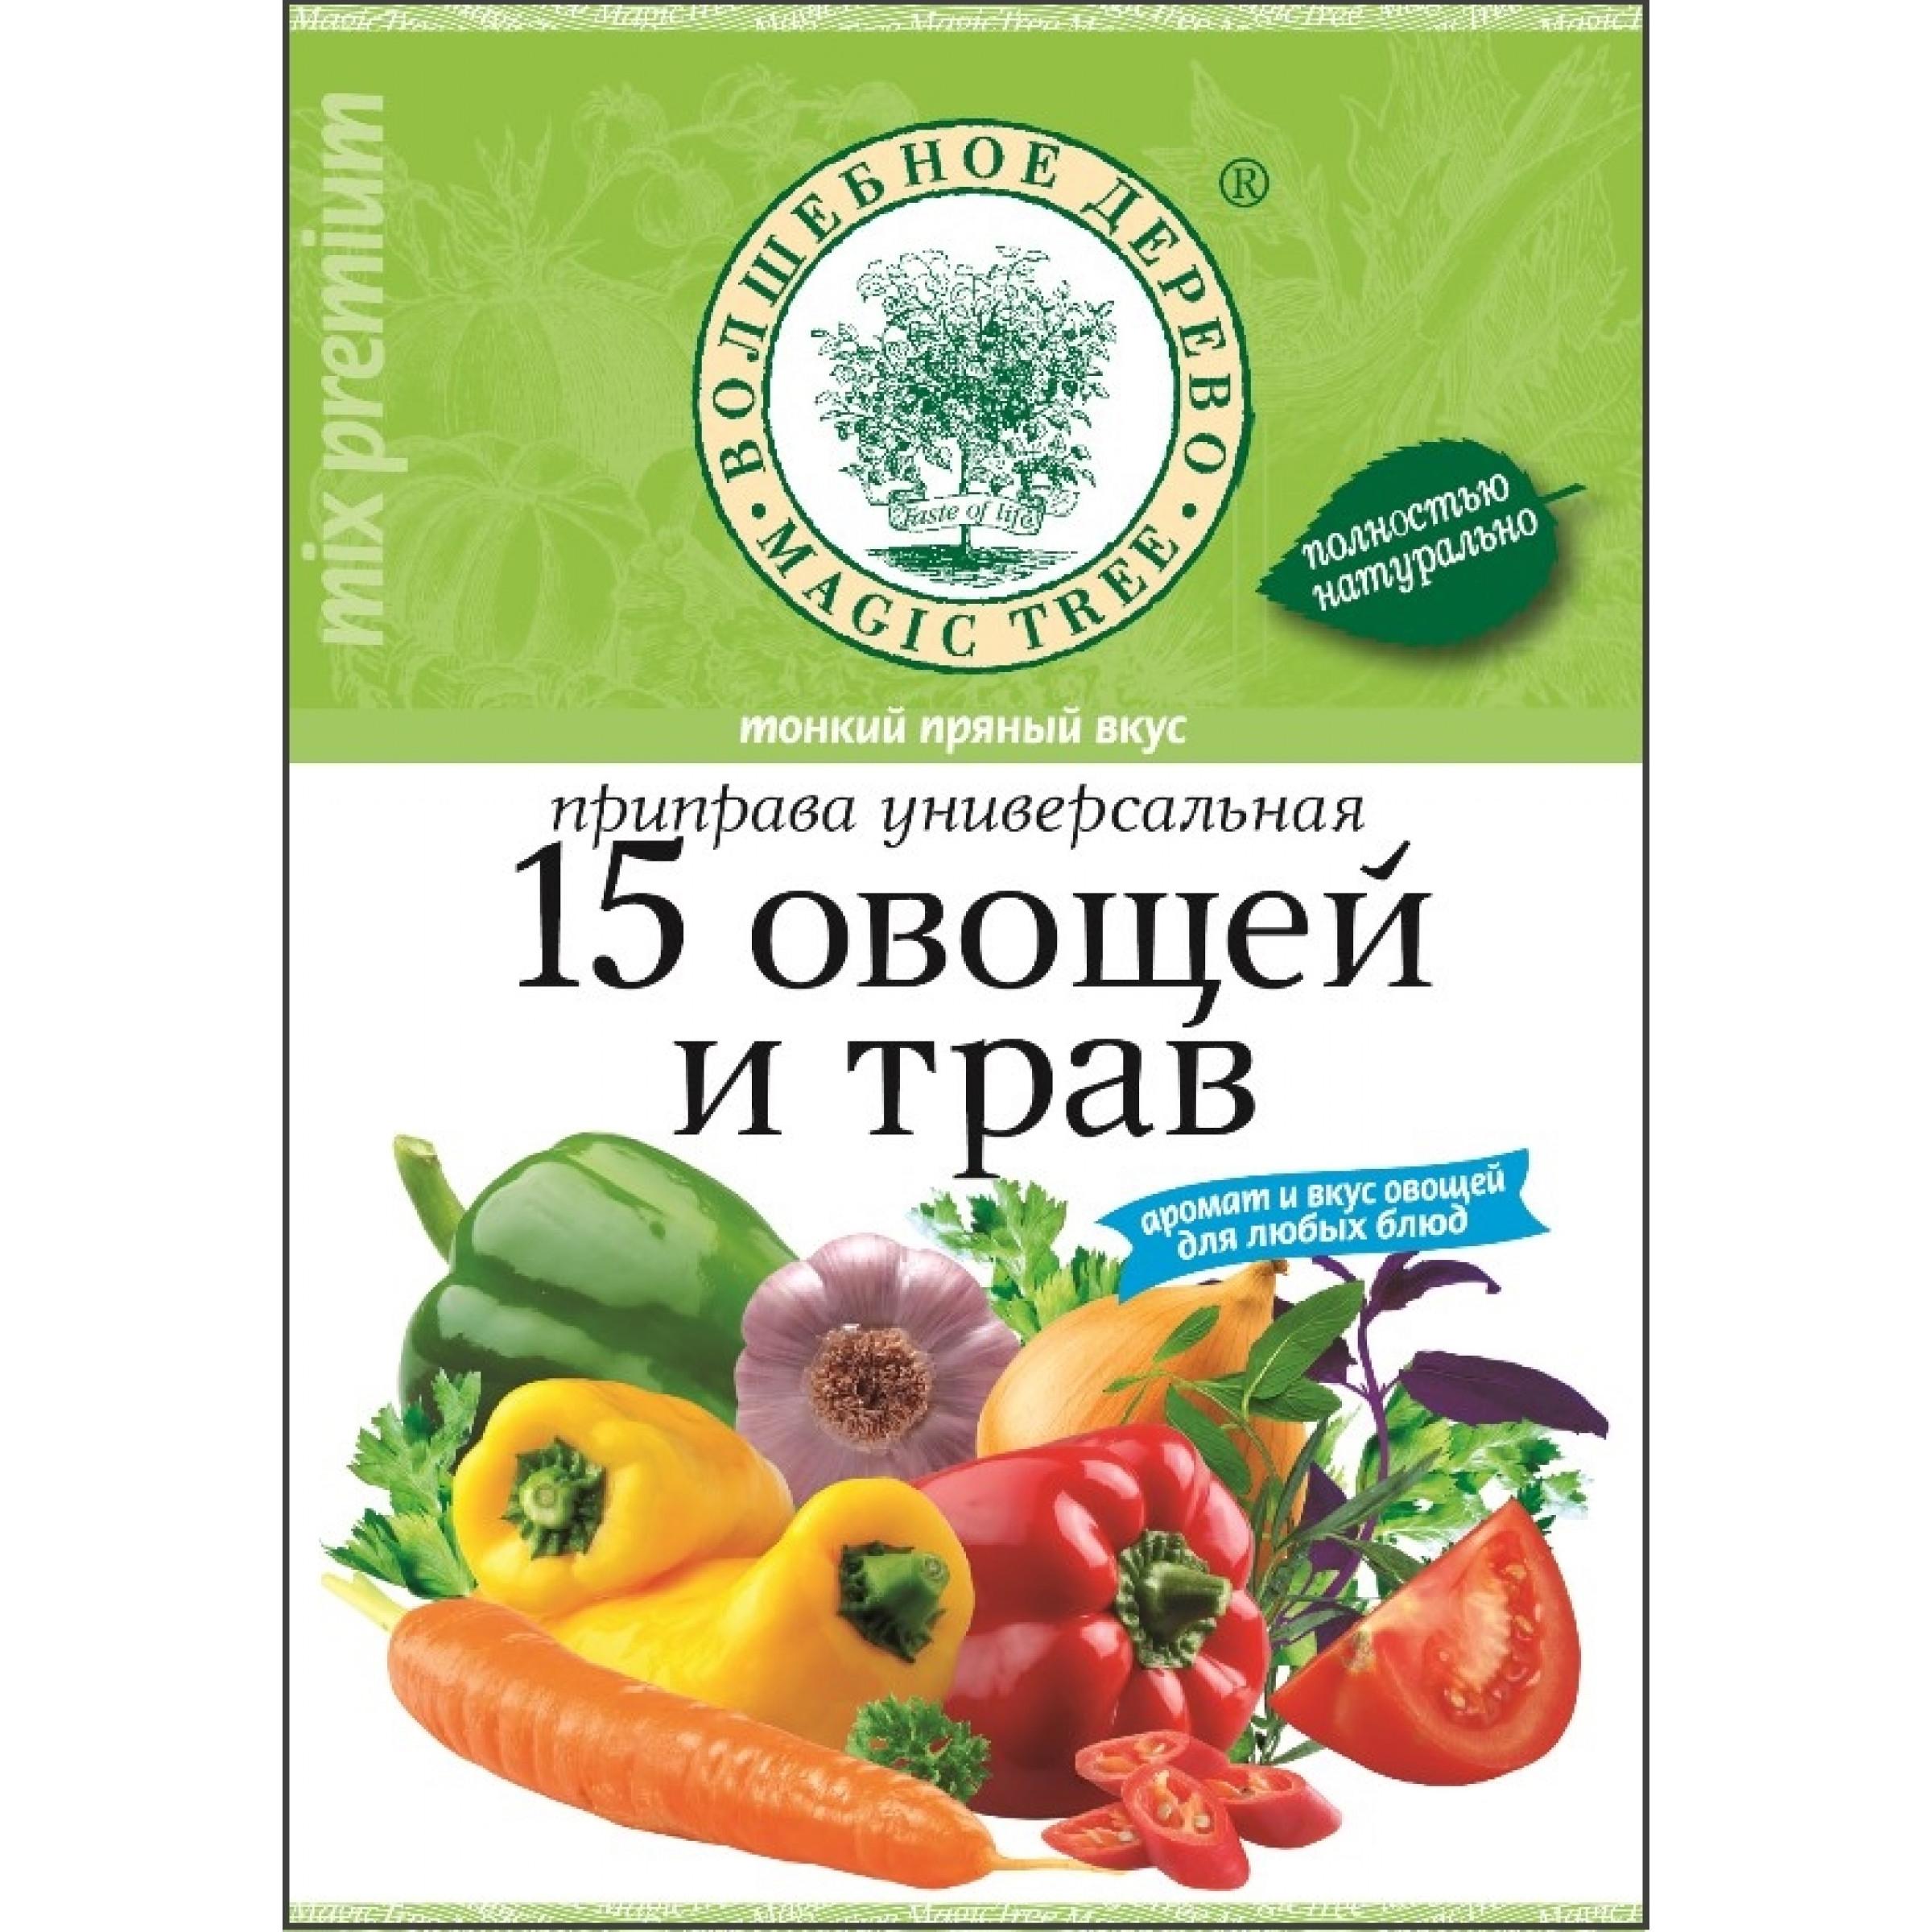 """Приправа универсальная """"15 овощей и трав"""" Волшебное дерево, 70гр"""